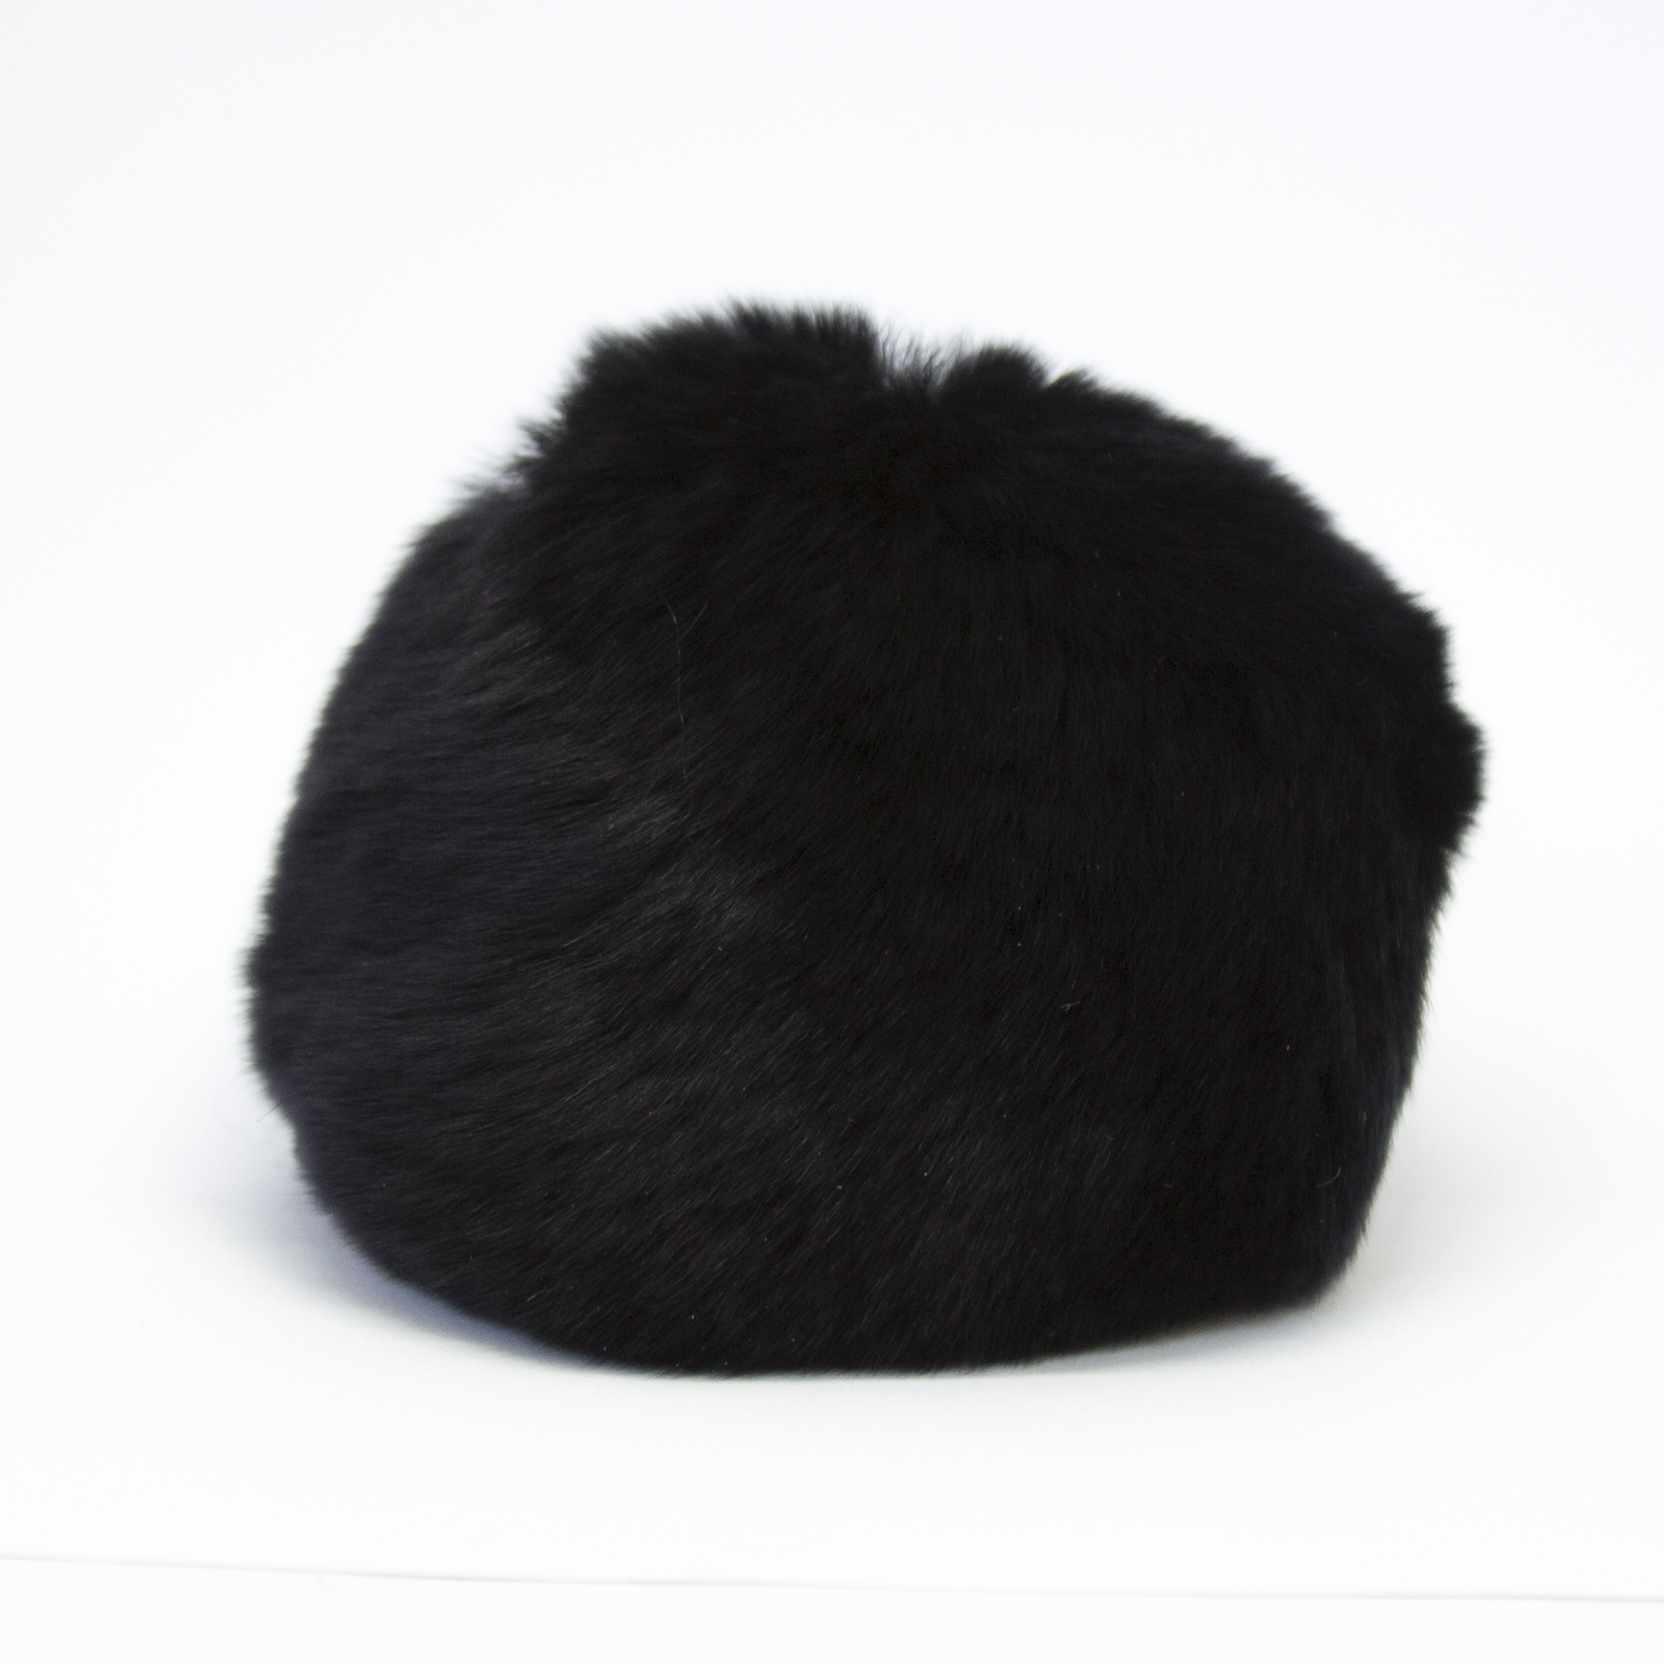 Помпон D9 мех кролик (рекс) Цвет.02 Черный